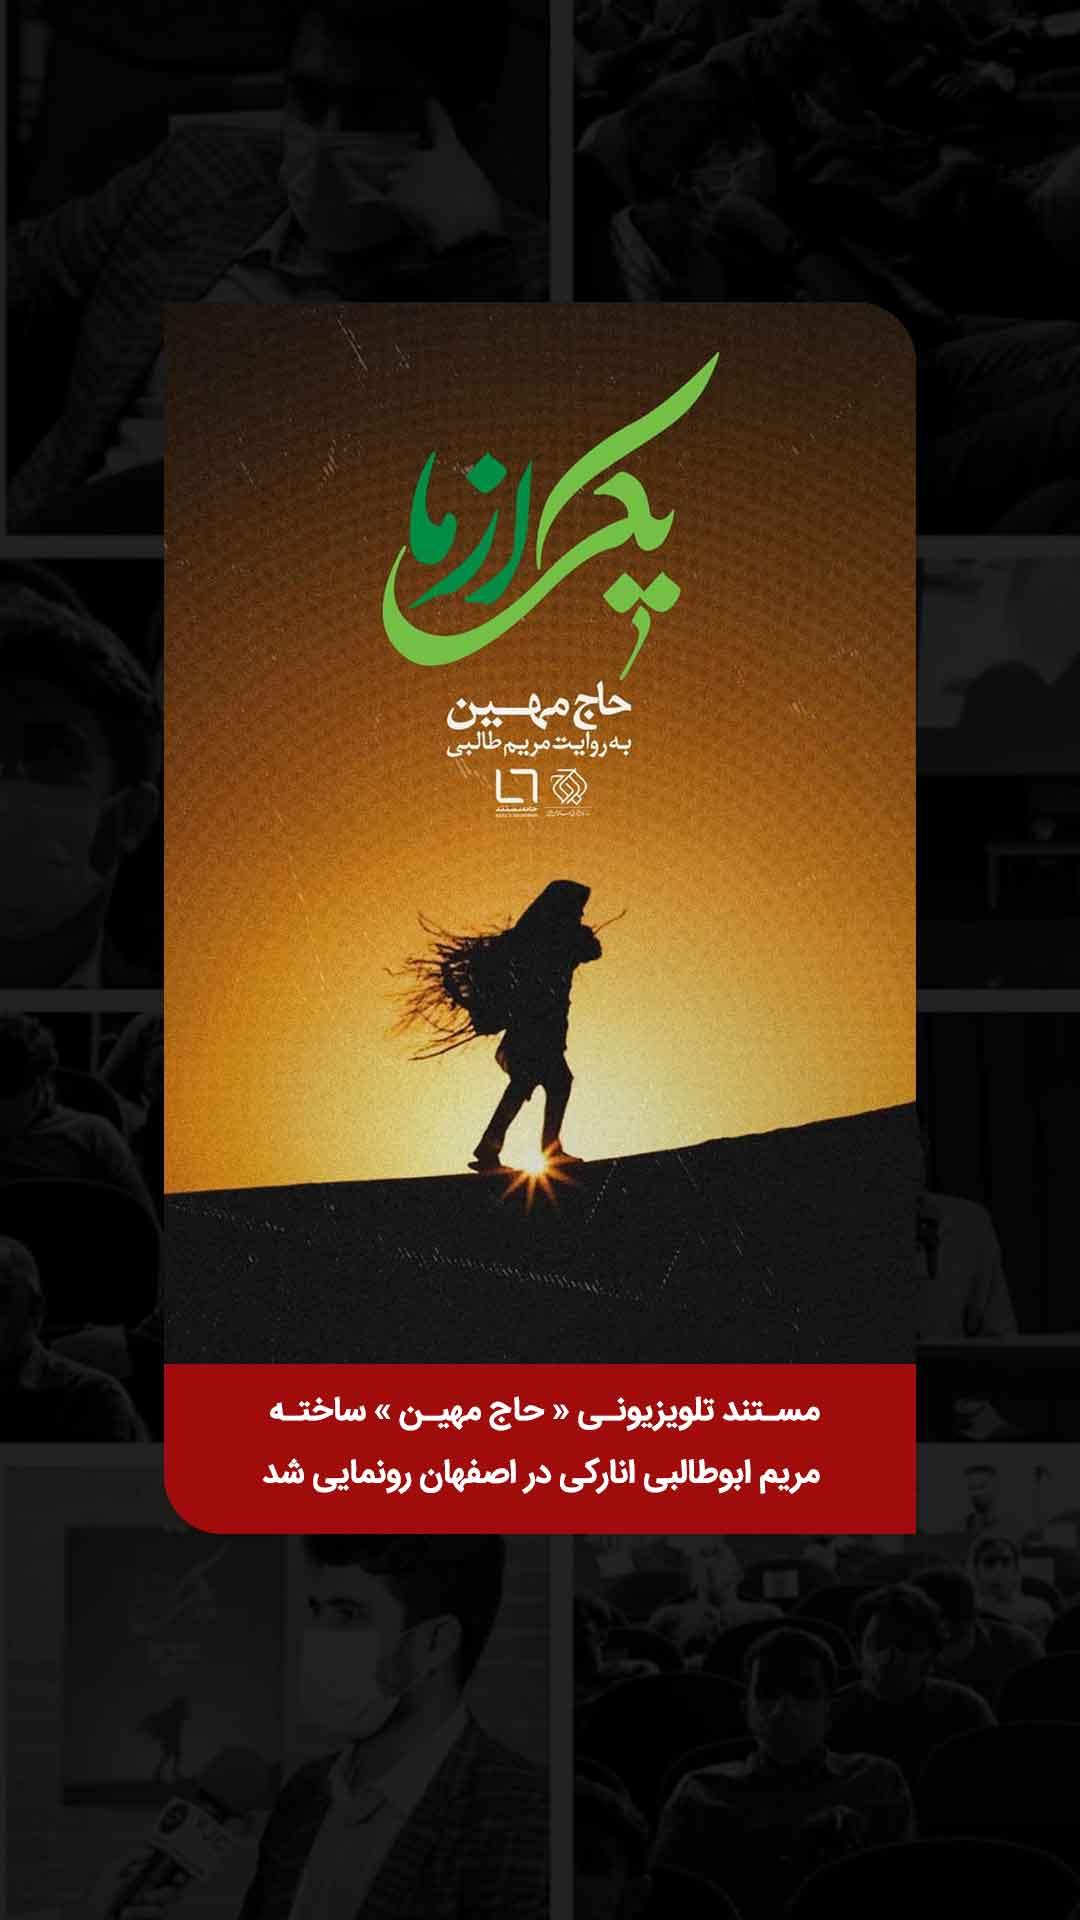 رونمایی از مستند حاج مهین